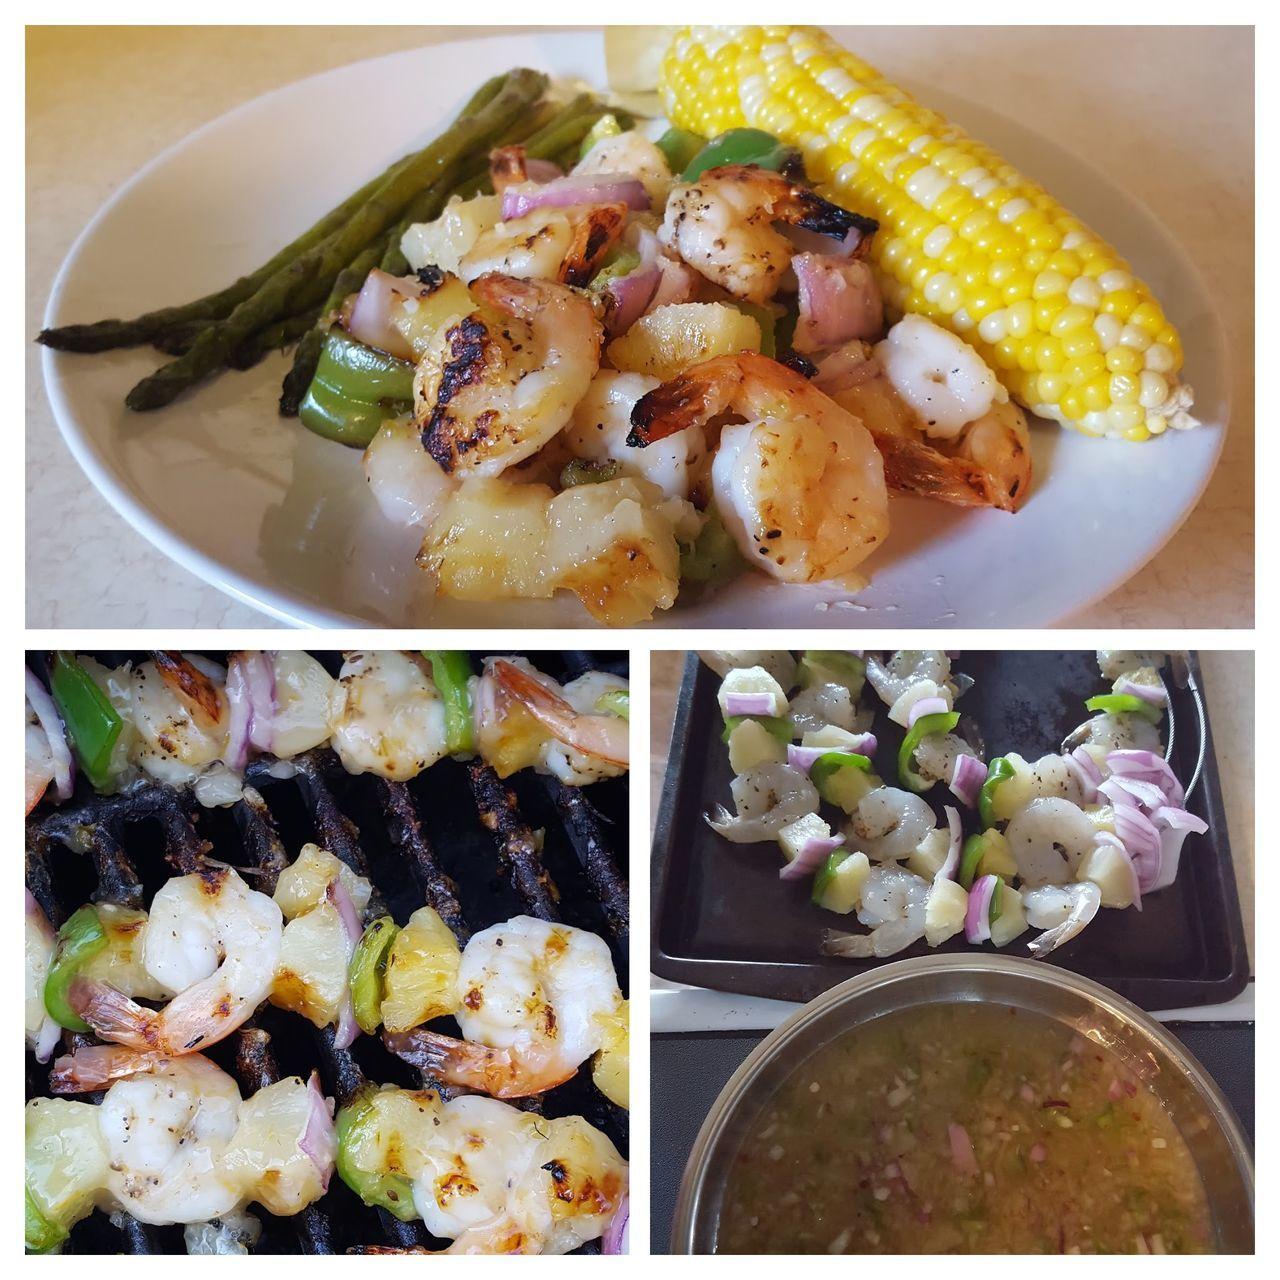 Taste Of Summer  grilled shrimp grilled shrimp Sweet And Sour Grilled Shrimp Grilling Kabobs Grilling Out Grilling Outside Cooking Outdoors